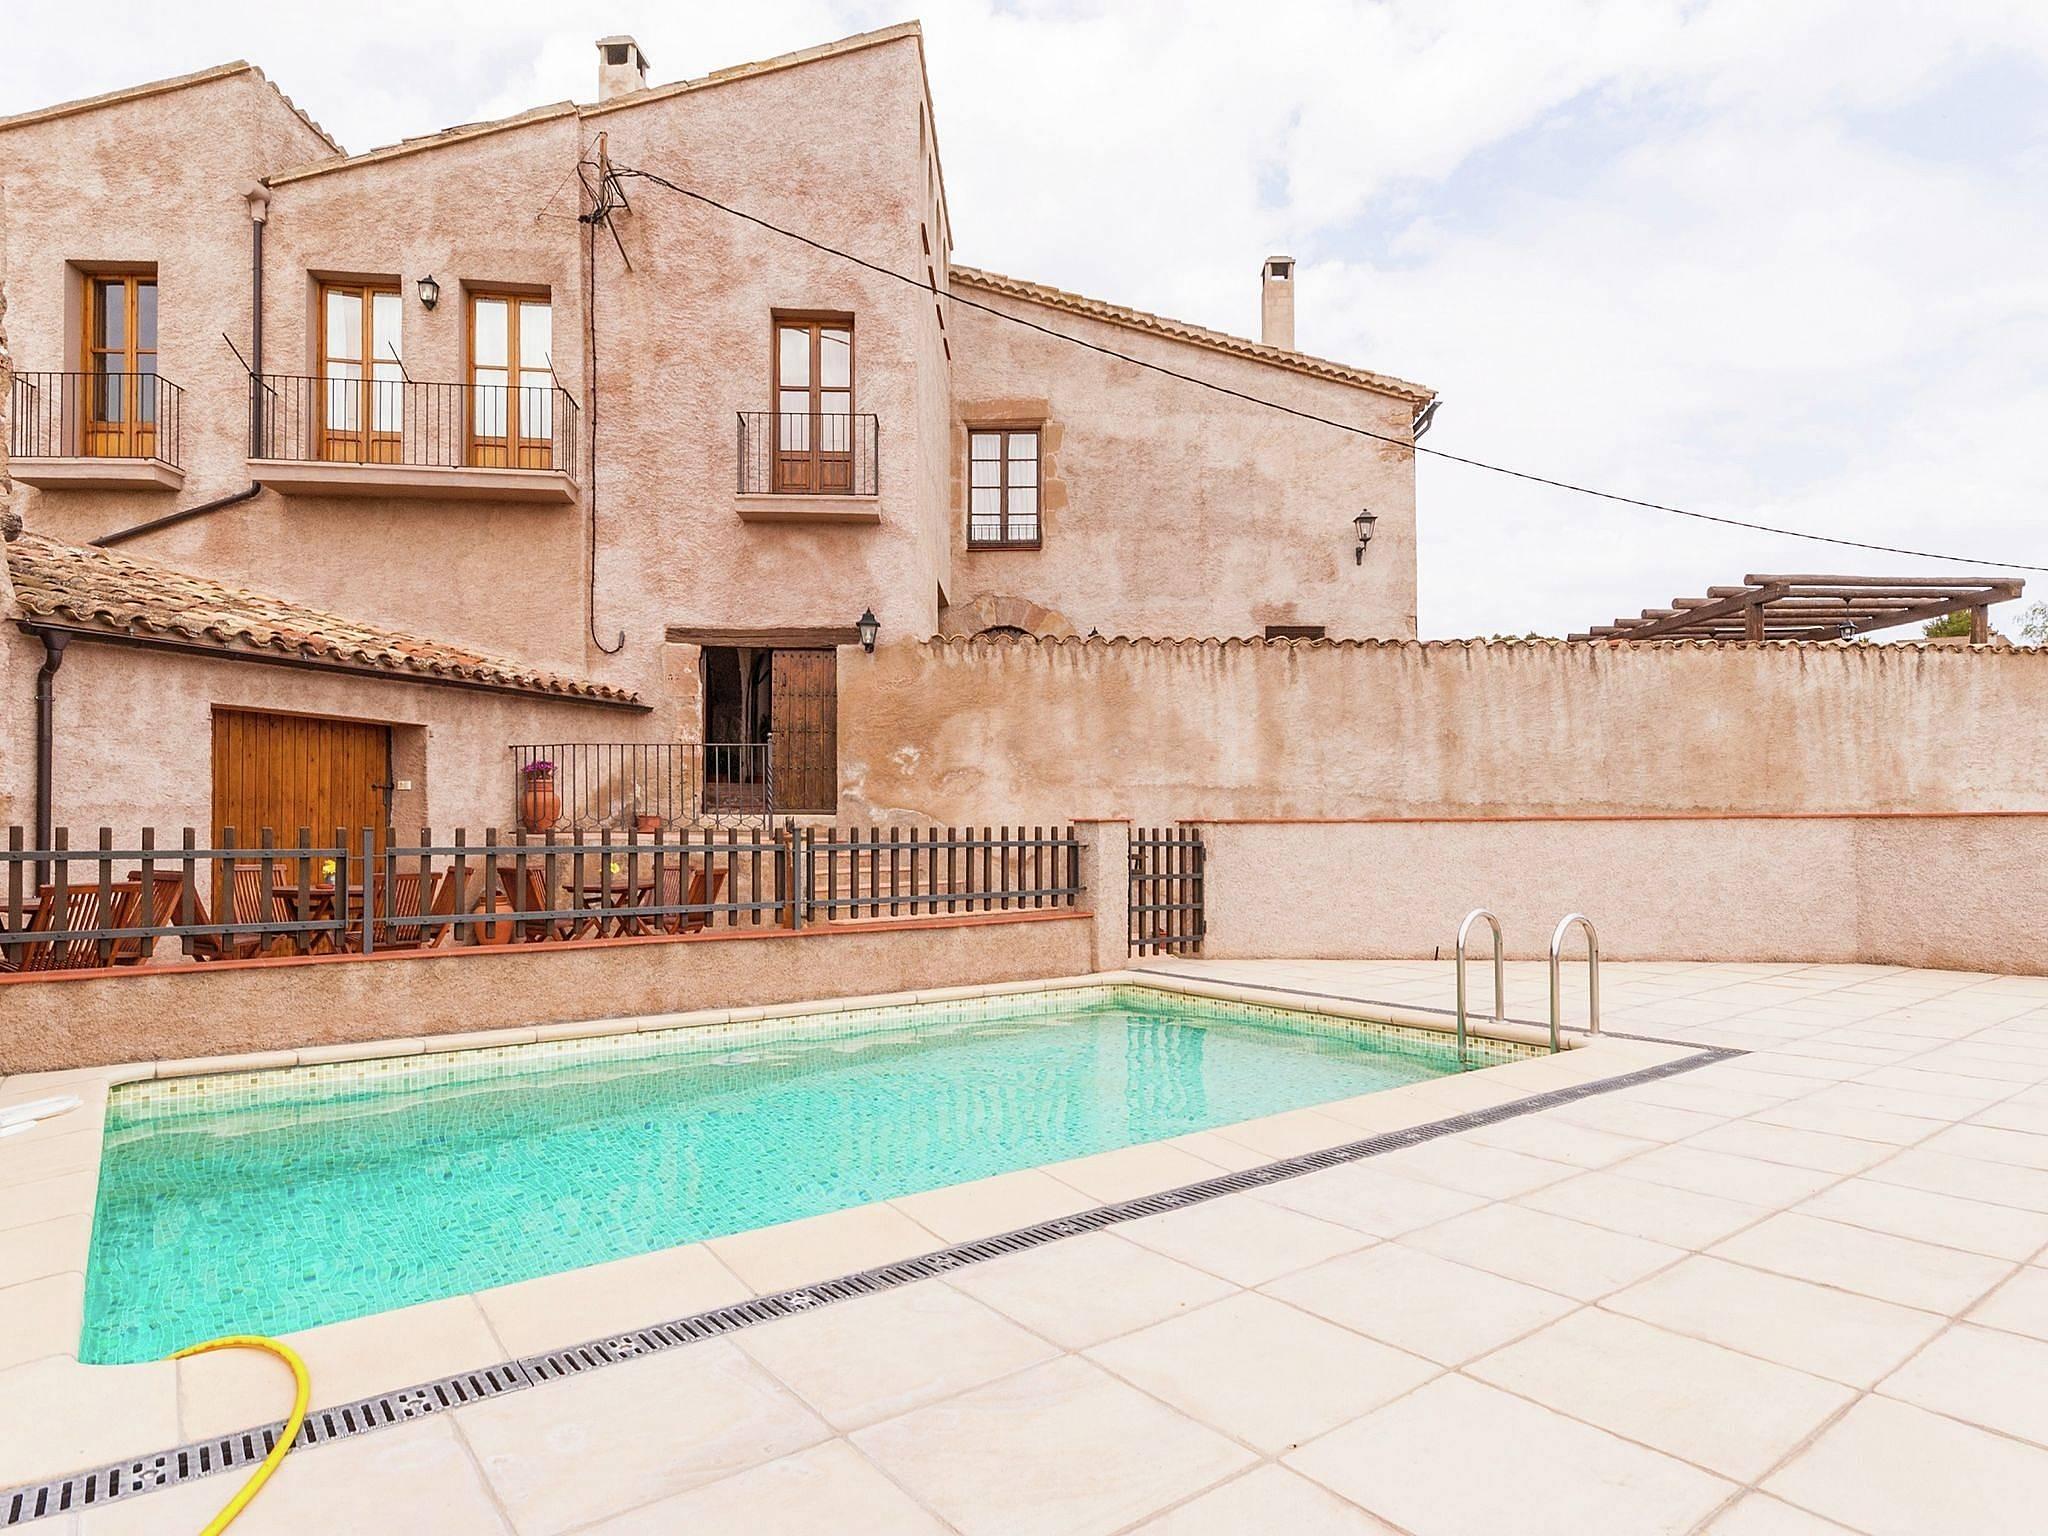 Alquiler vacaciones apartamentos y casas rurales en castellfollit del boix barcelona - Alquiler casas rurales barcelona ...